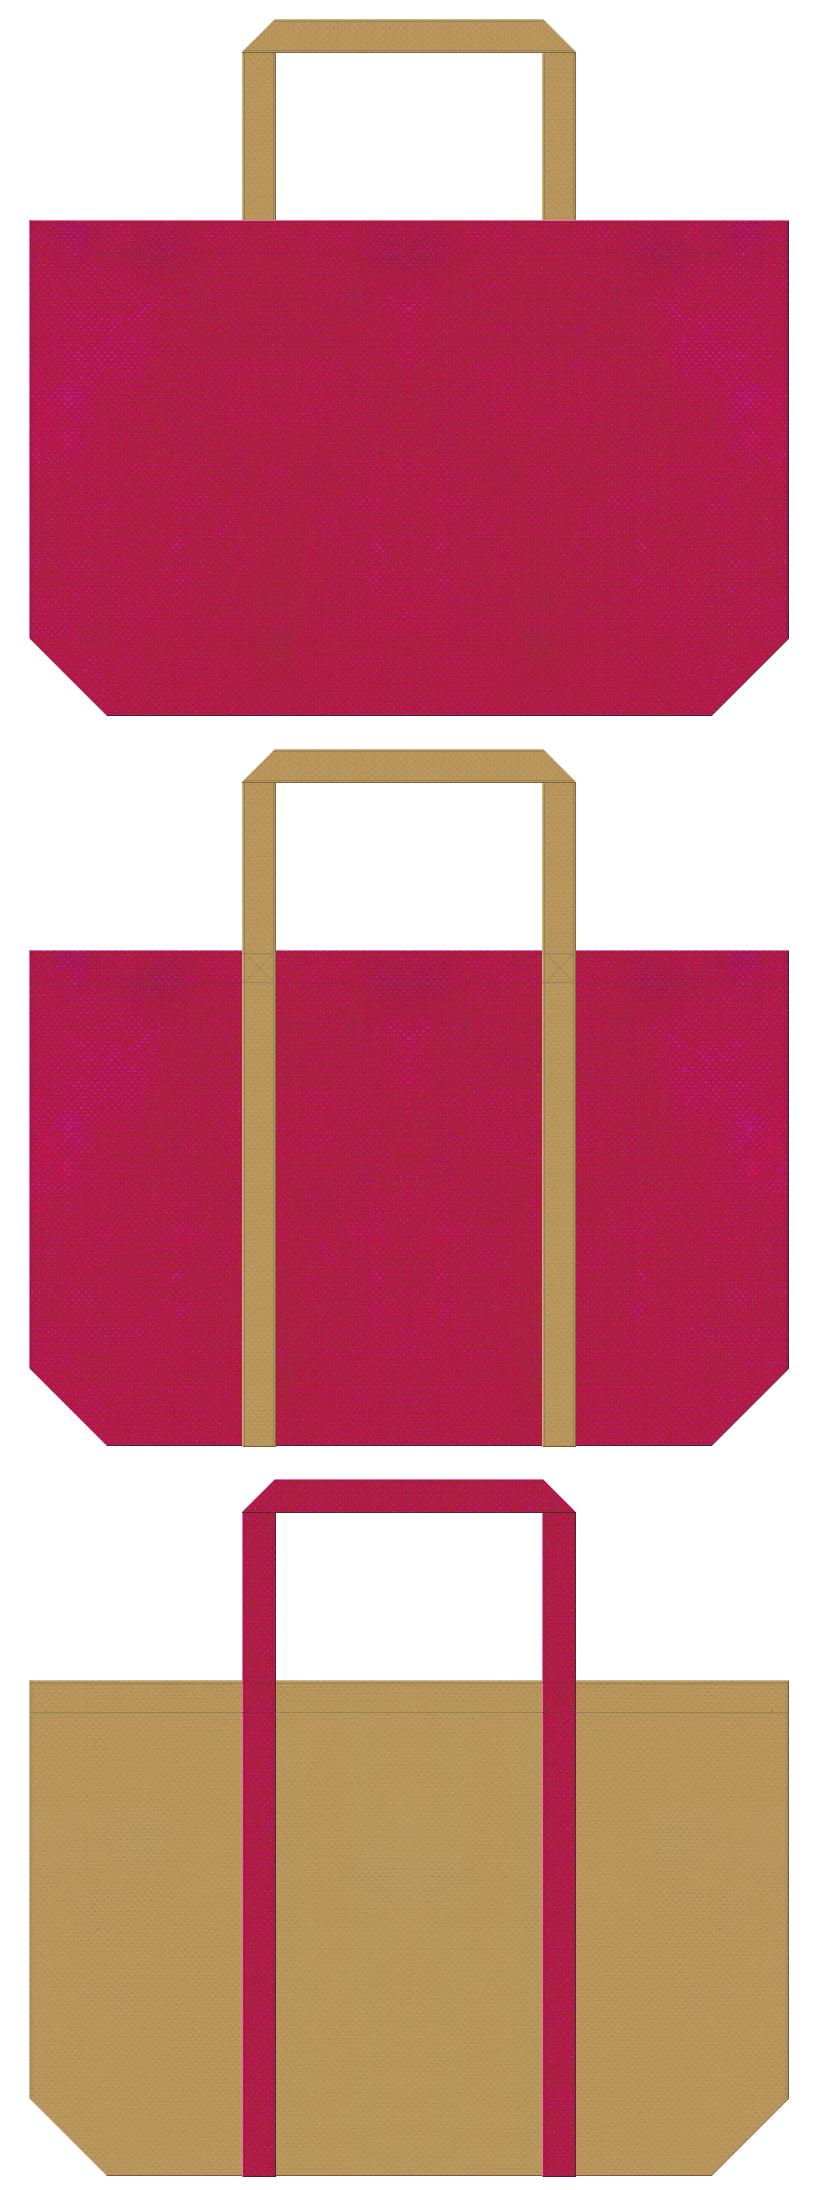 ハワイアン・南国・トロピカル・トラベルバッグ・リゾート・トラベルバッグにお奨めの不織布バッグデザイン:濃いピンク色と金黄土色のコーデ